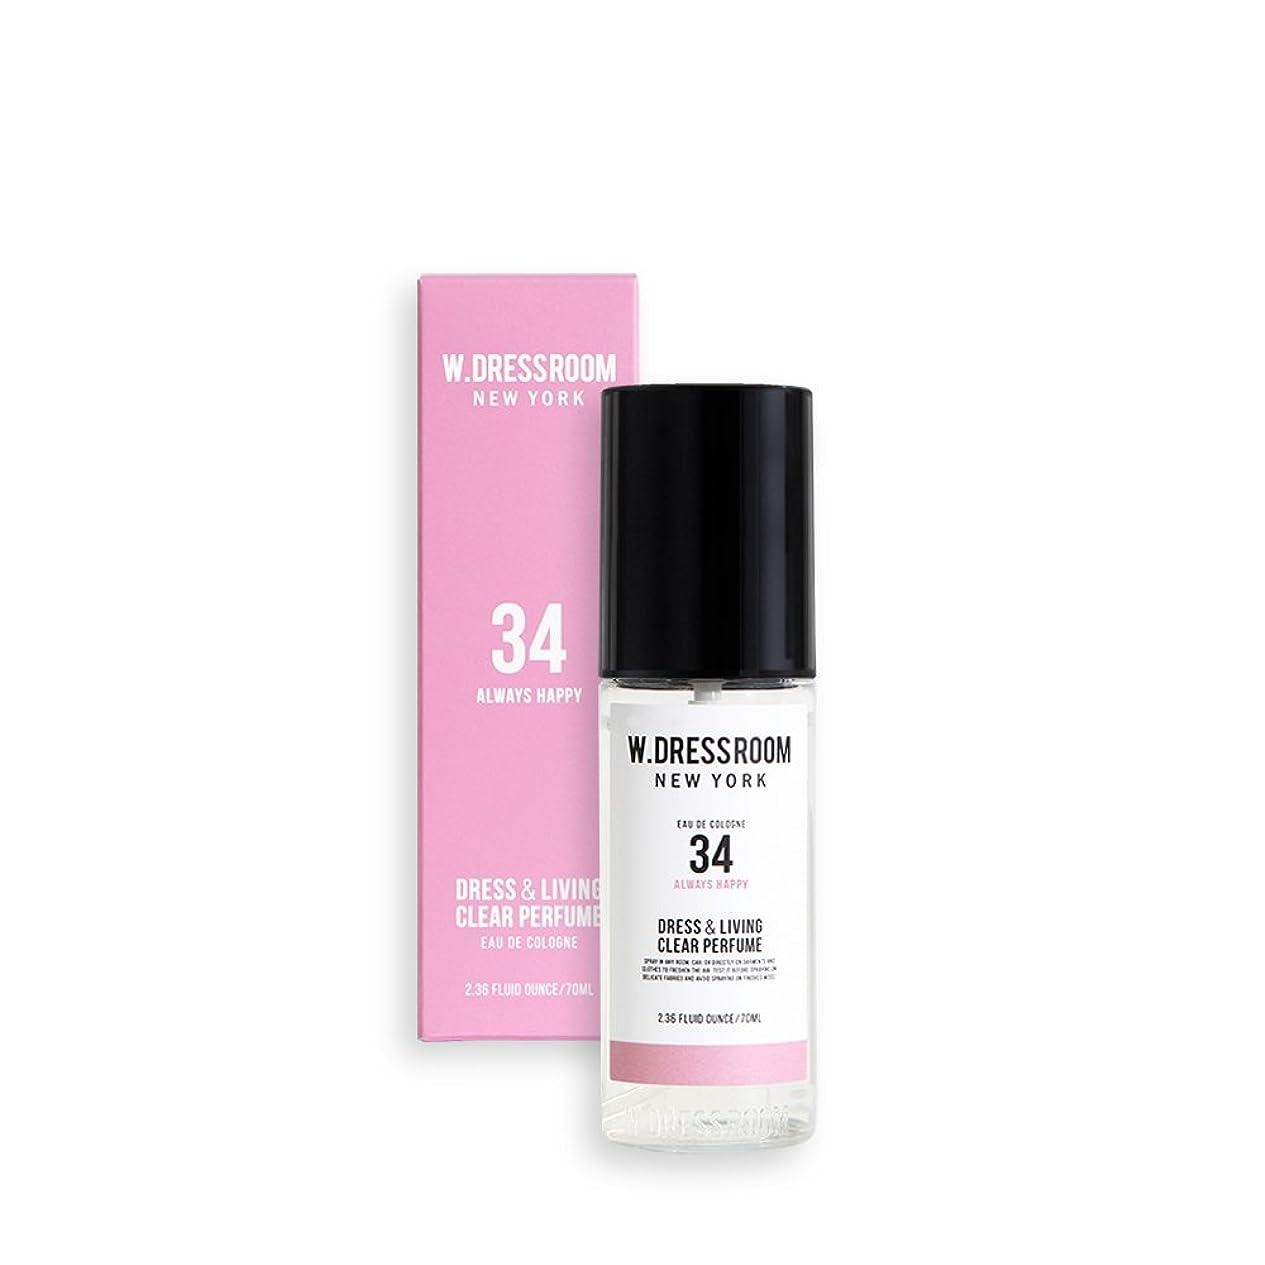 レスリング専門用語バズW.DRESSROOM Dress & Living Clear Perfume 70ml/ダブルドレスルーム ドレス&リビング クリア パフューム 70ml (#No.34 Always Happy) [並行輸入品]